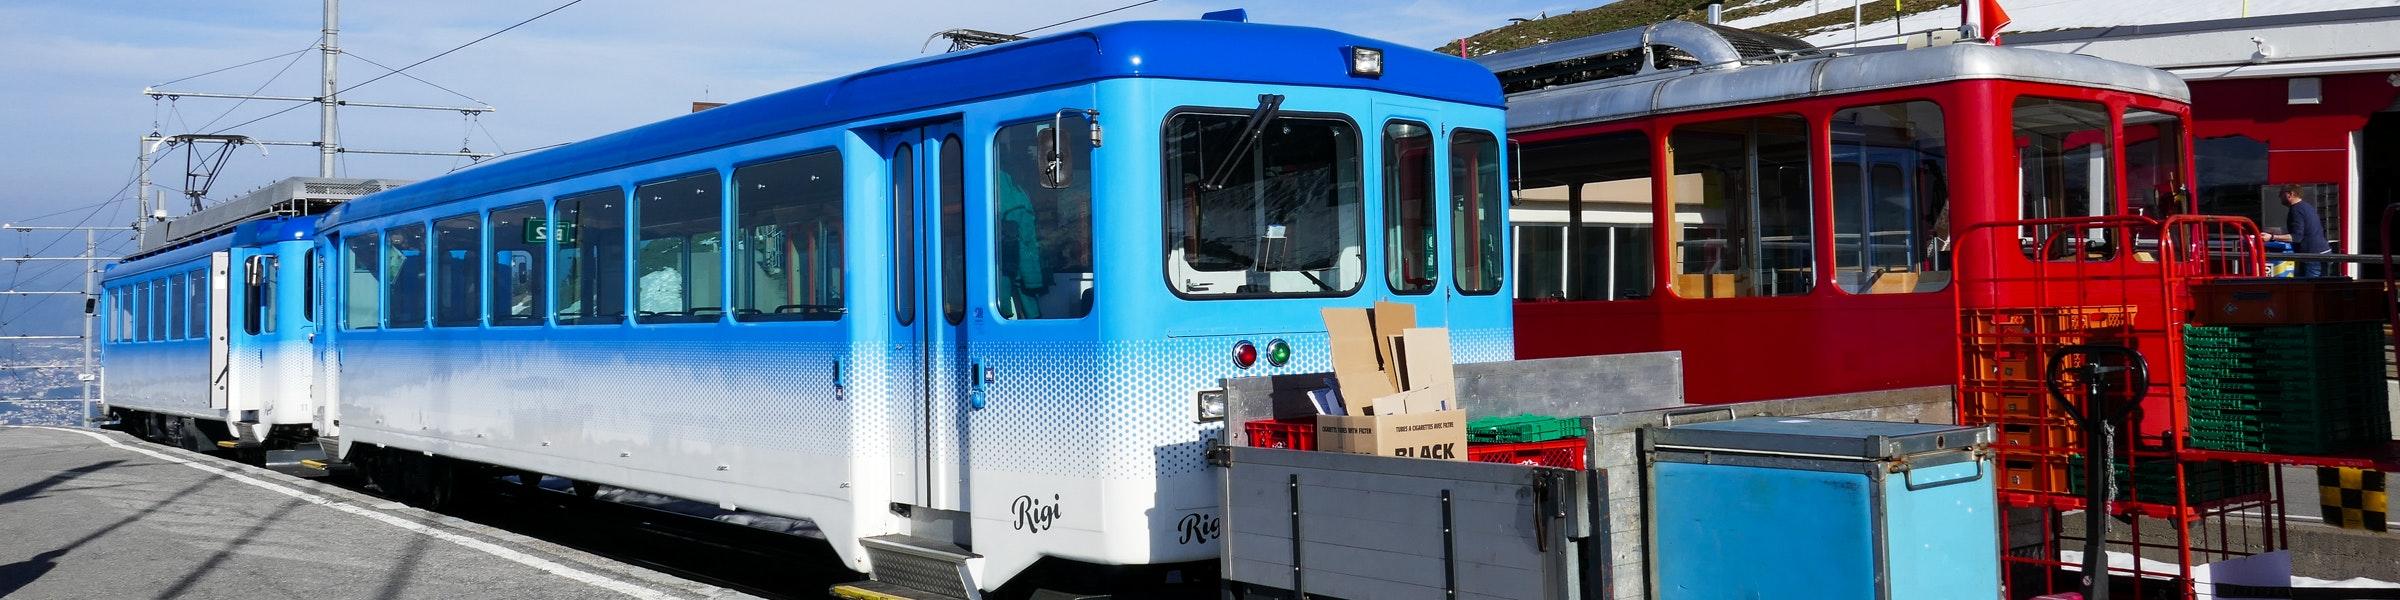 Rigi trains at Kulm